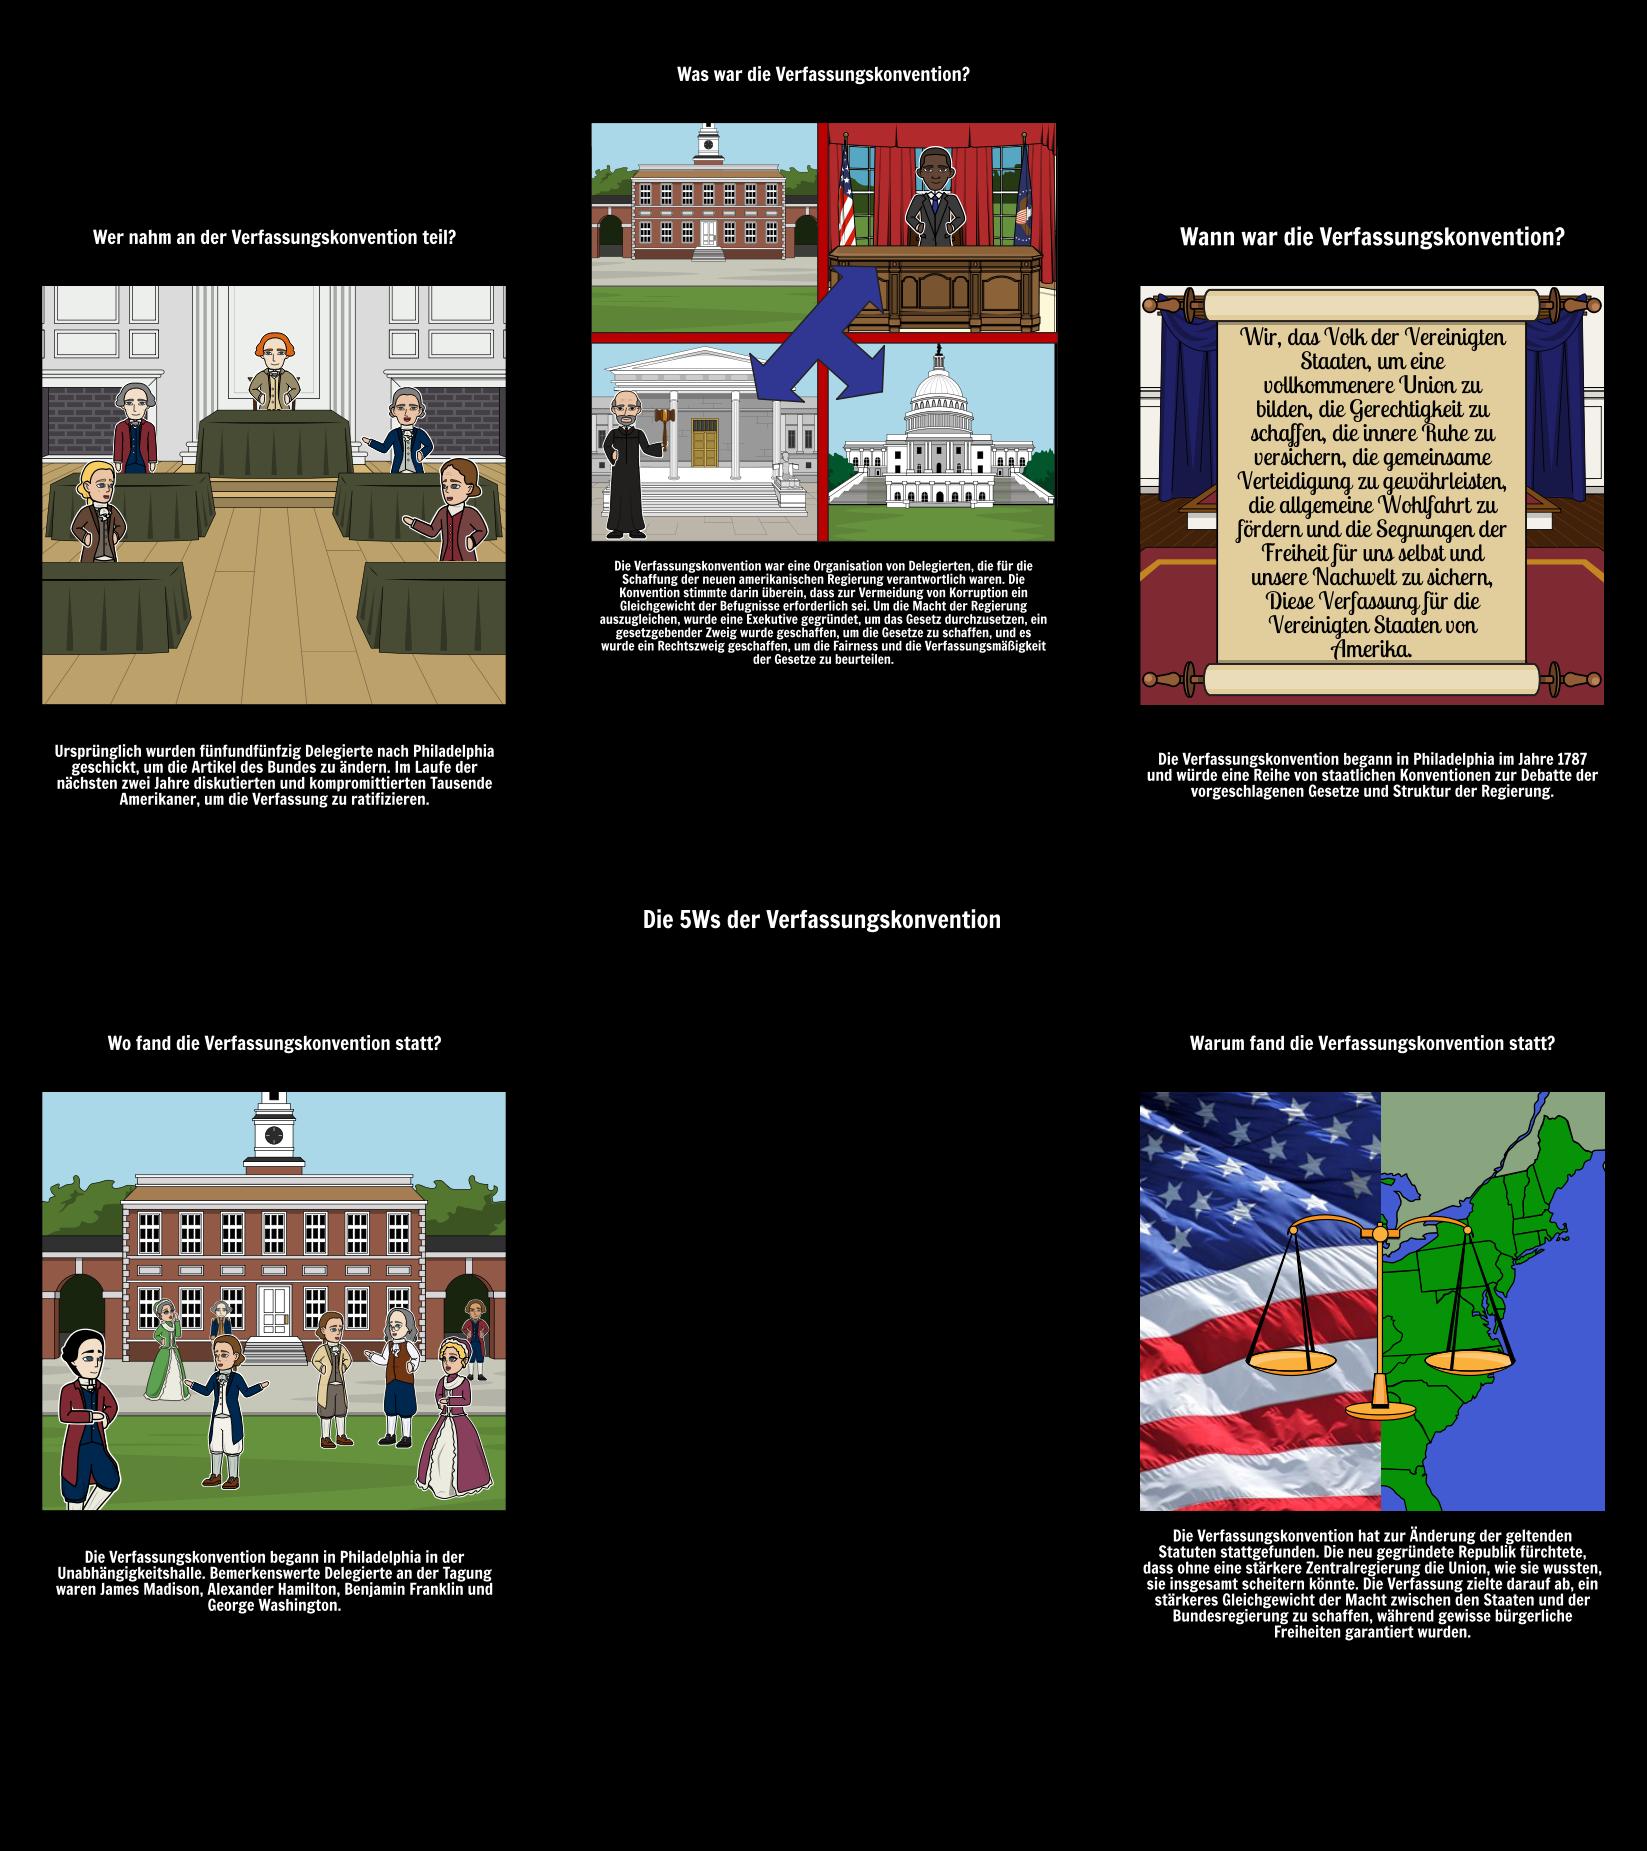 5Ws der Verfassungskonvention